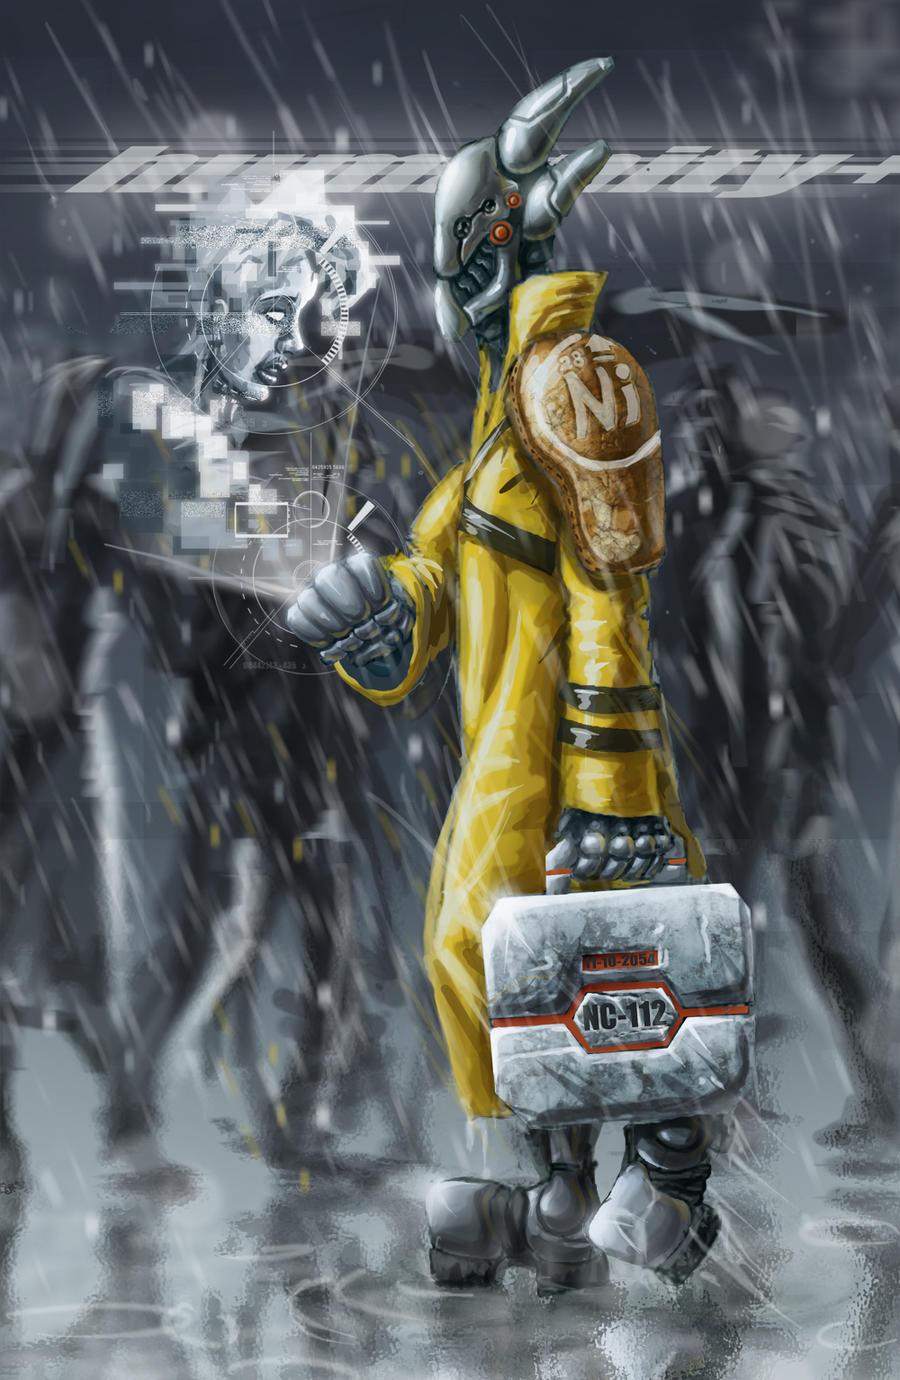 Ghost in the rain by AspectusFuturus